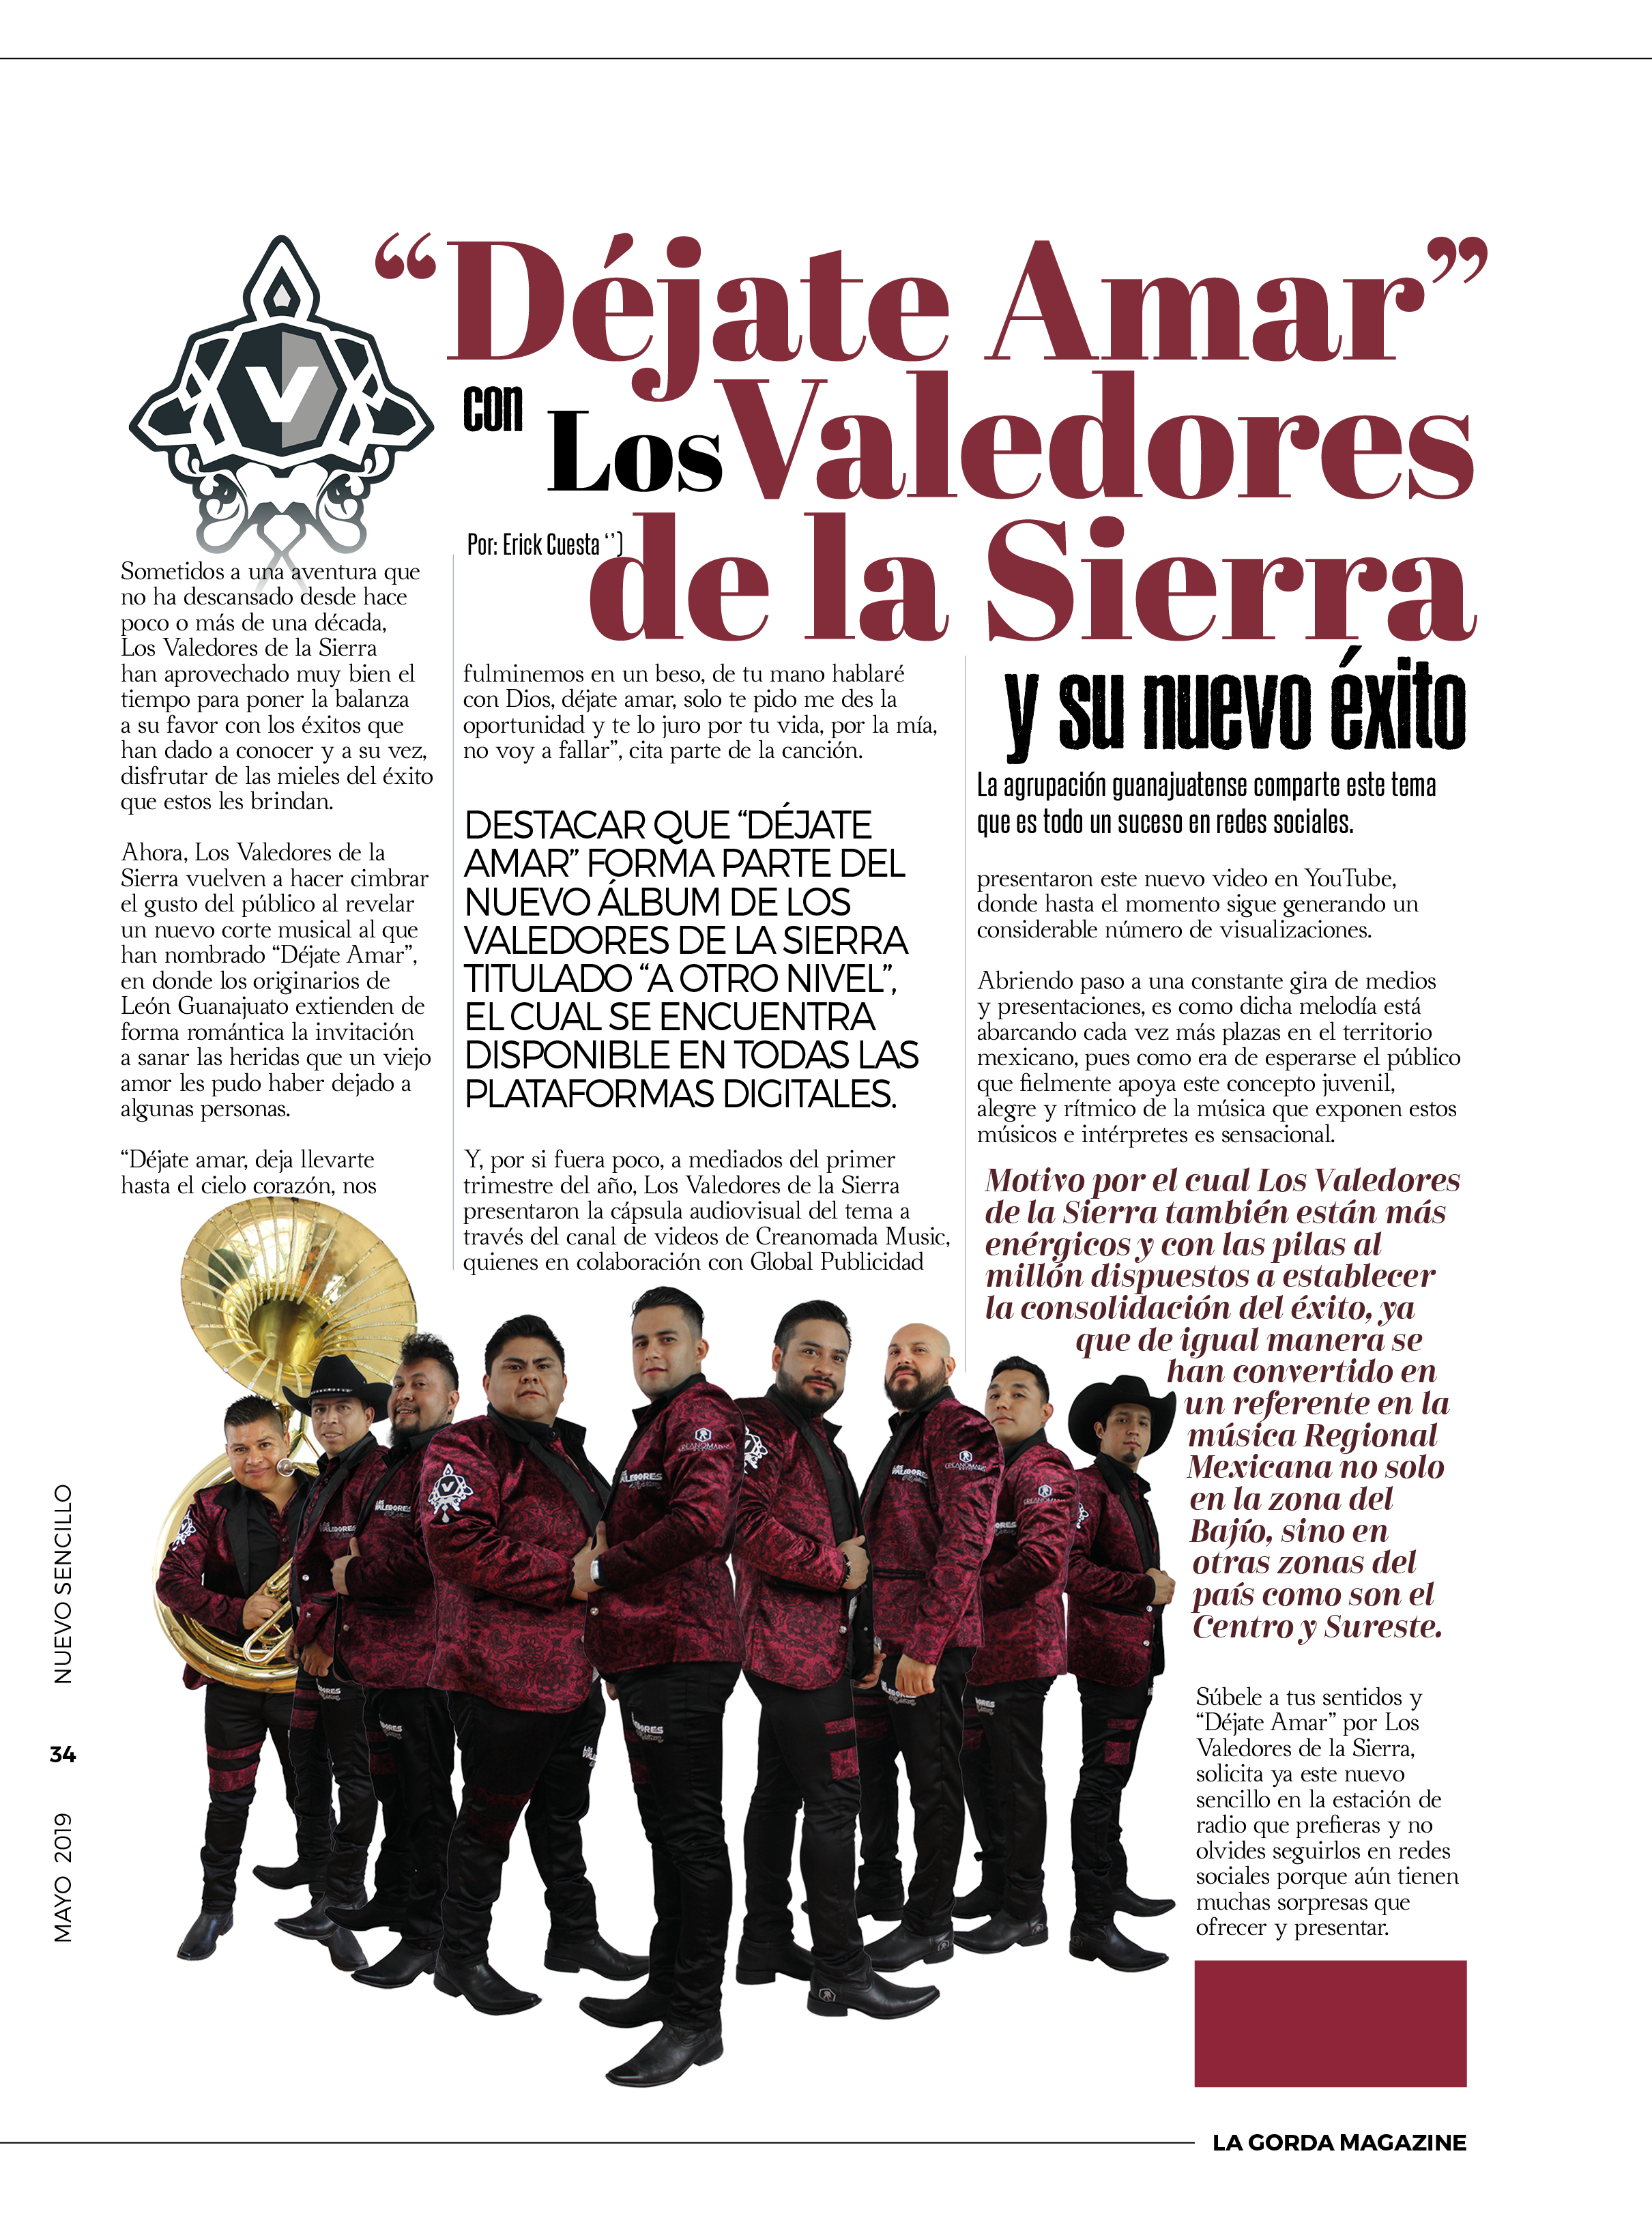 Los Valedores de la Sierra